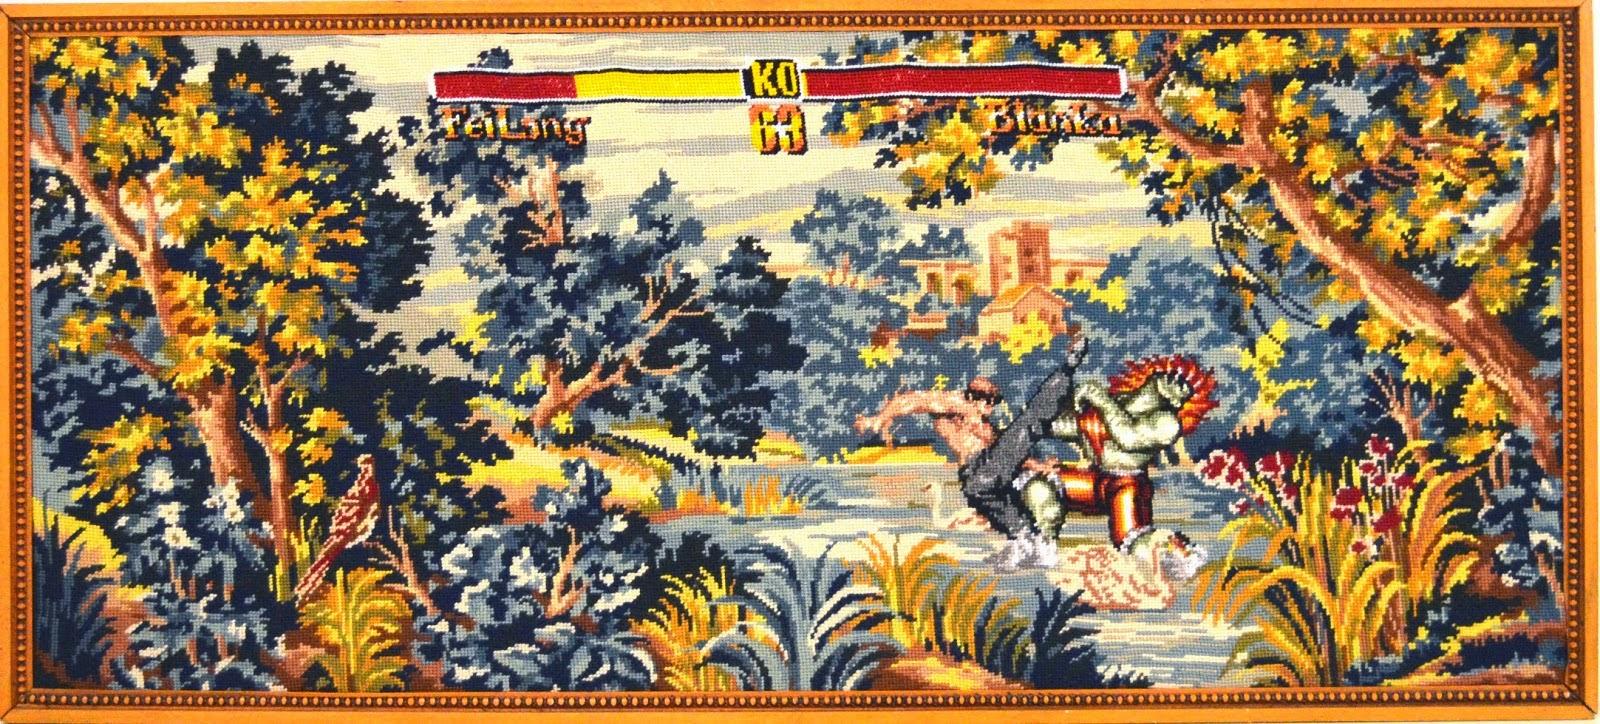 http://gauvainmanhattan.blogspot.fr/